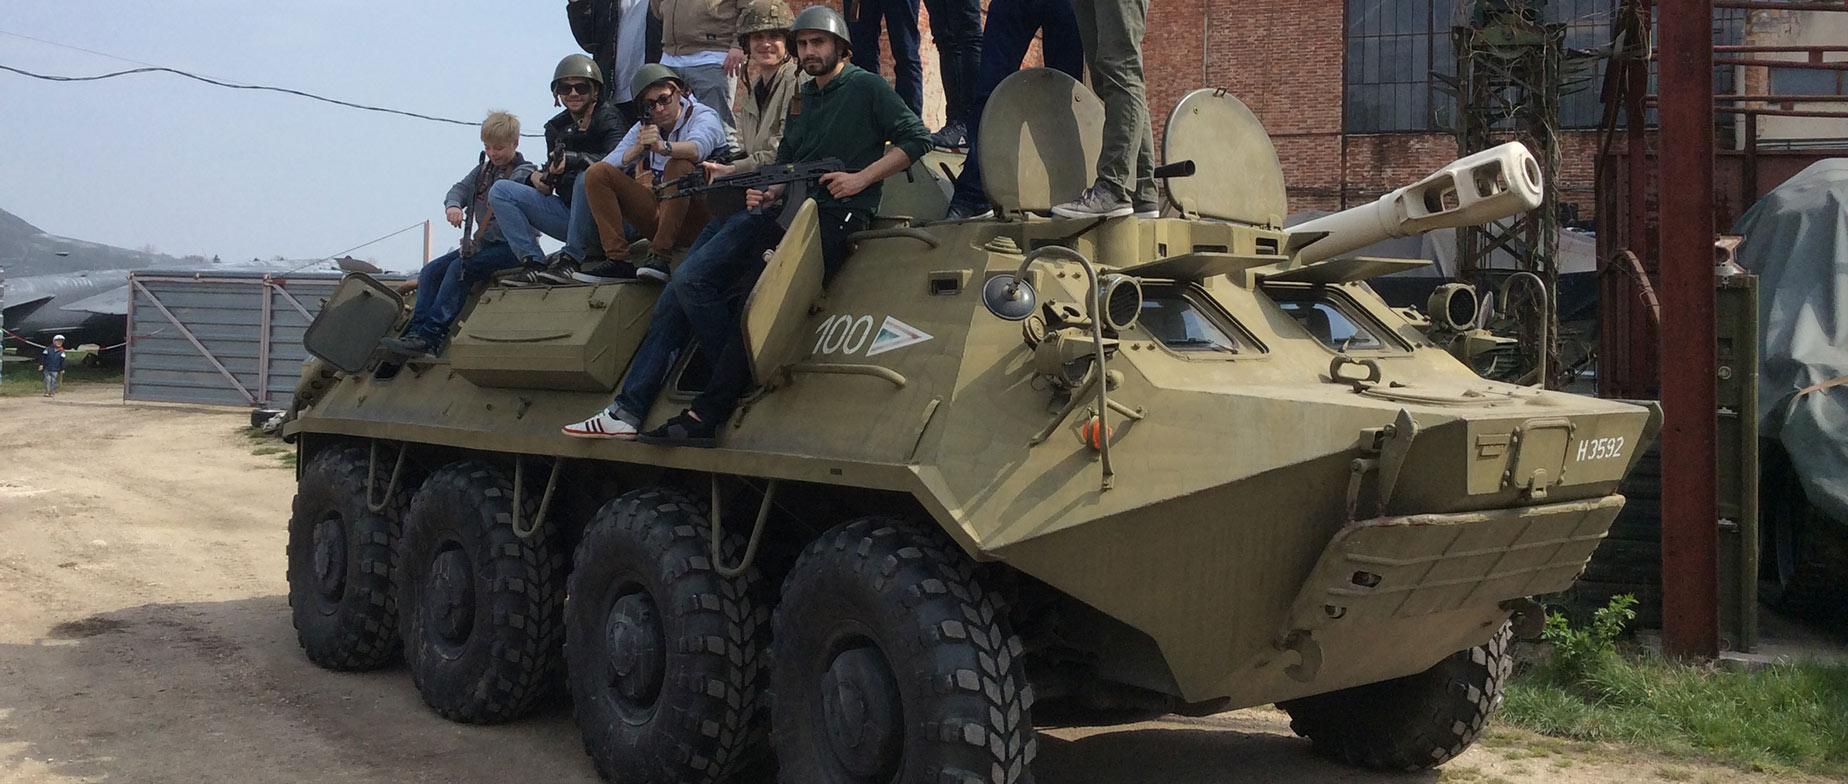 BTR 60 gumikerekes páncélozott szállító jármű vezetése